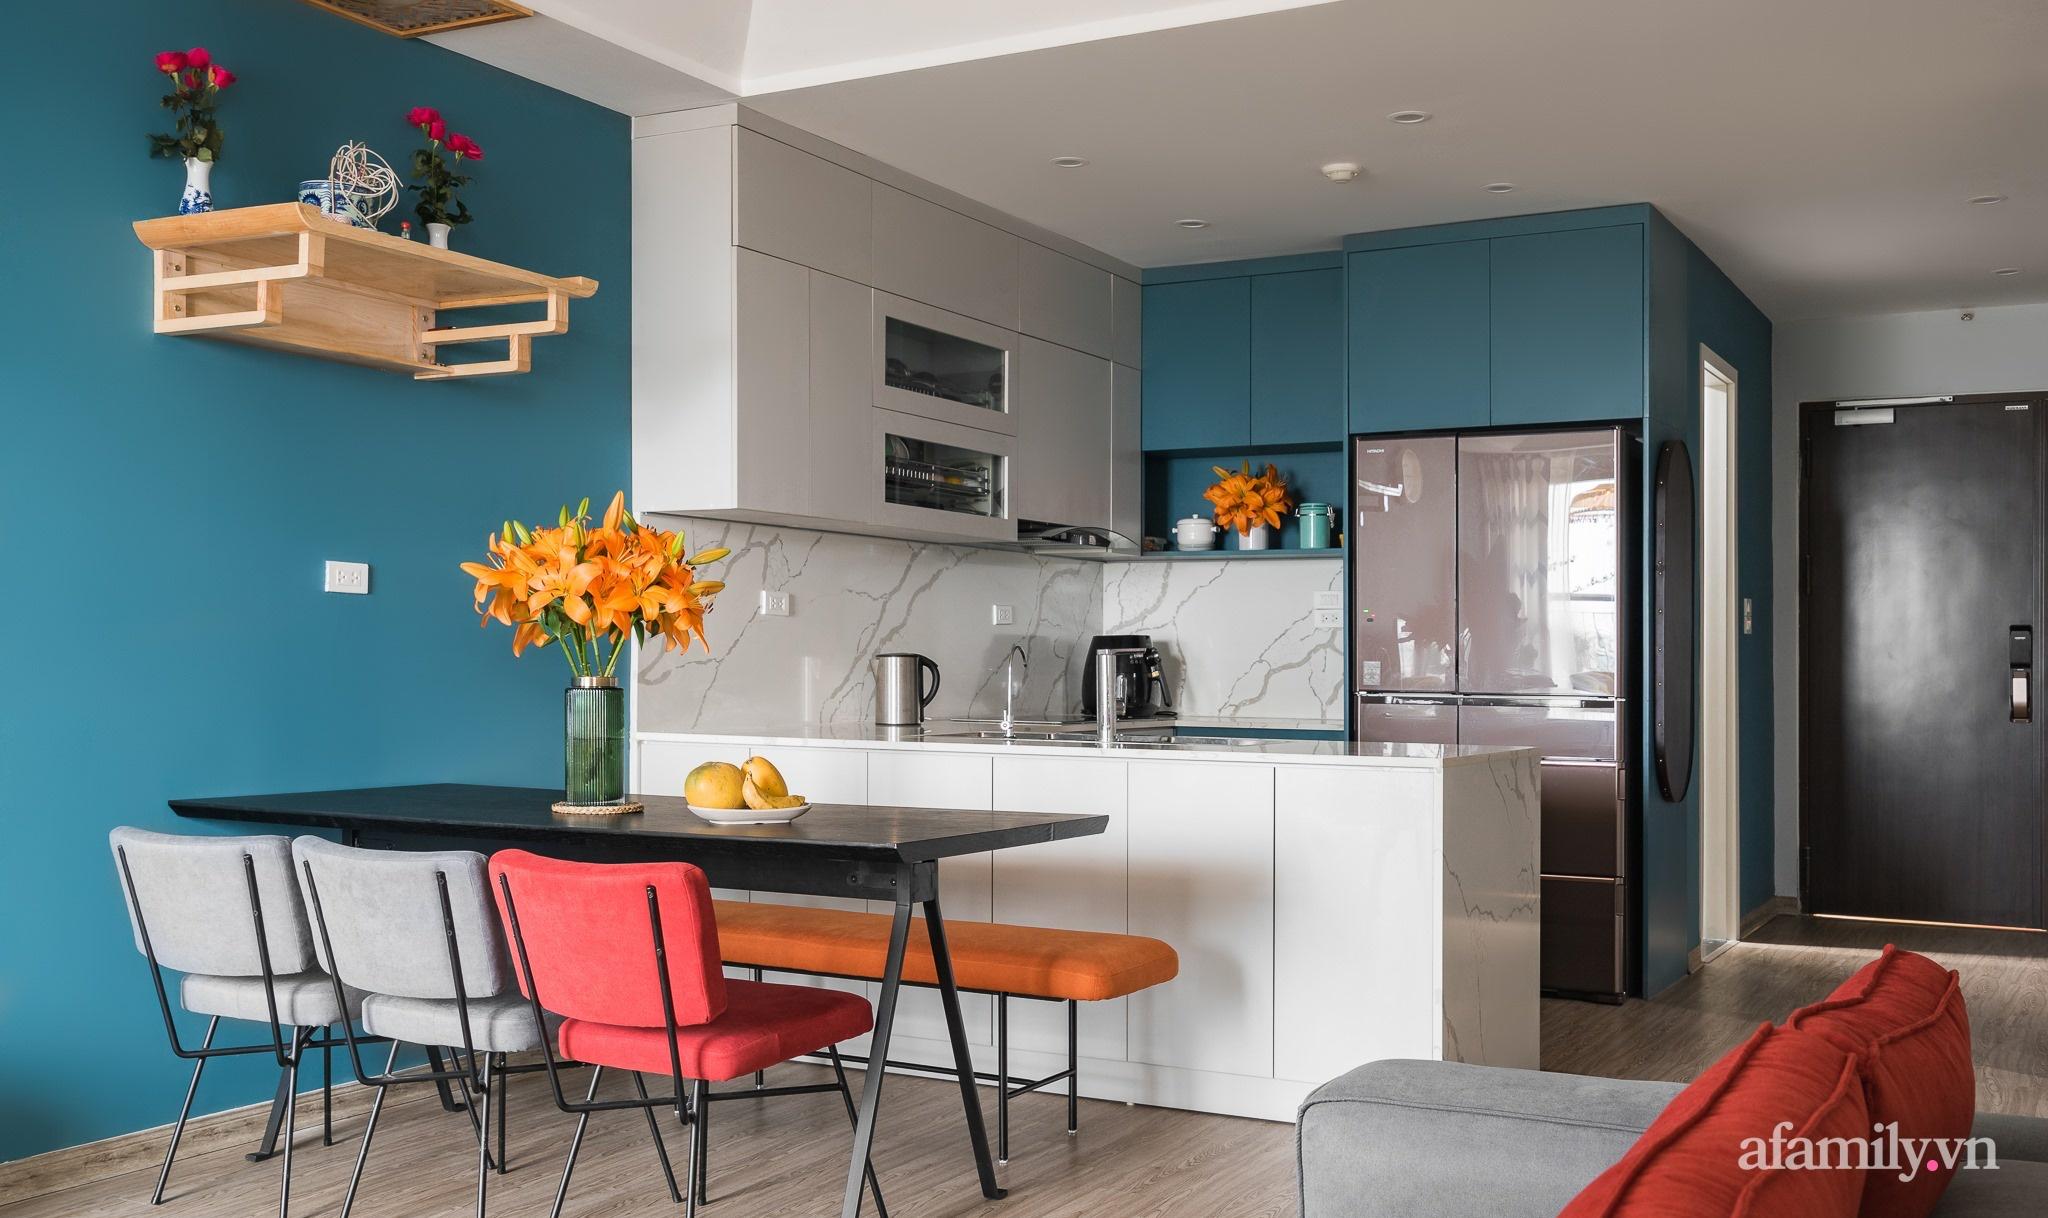 """Kiến trúc sư Hà Nội """"bật mí"""" về tam giác công năng và những điều cần lưu ý khi thiết kế bếp - Ảnh 7."""